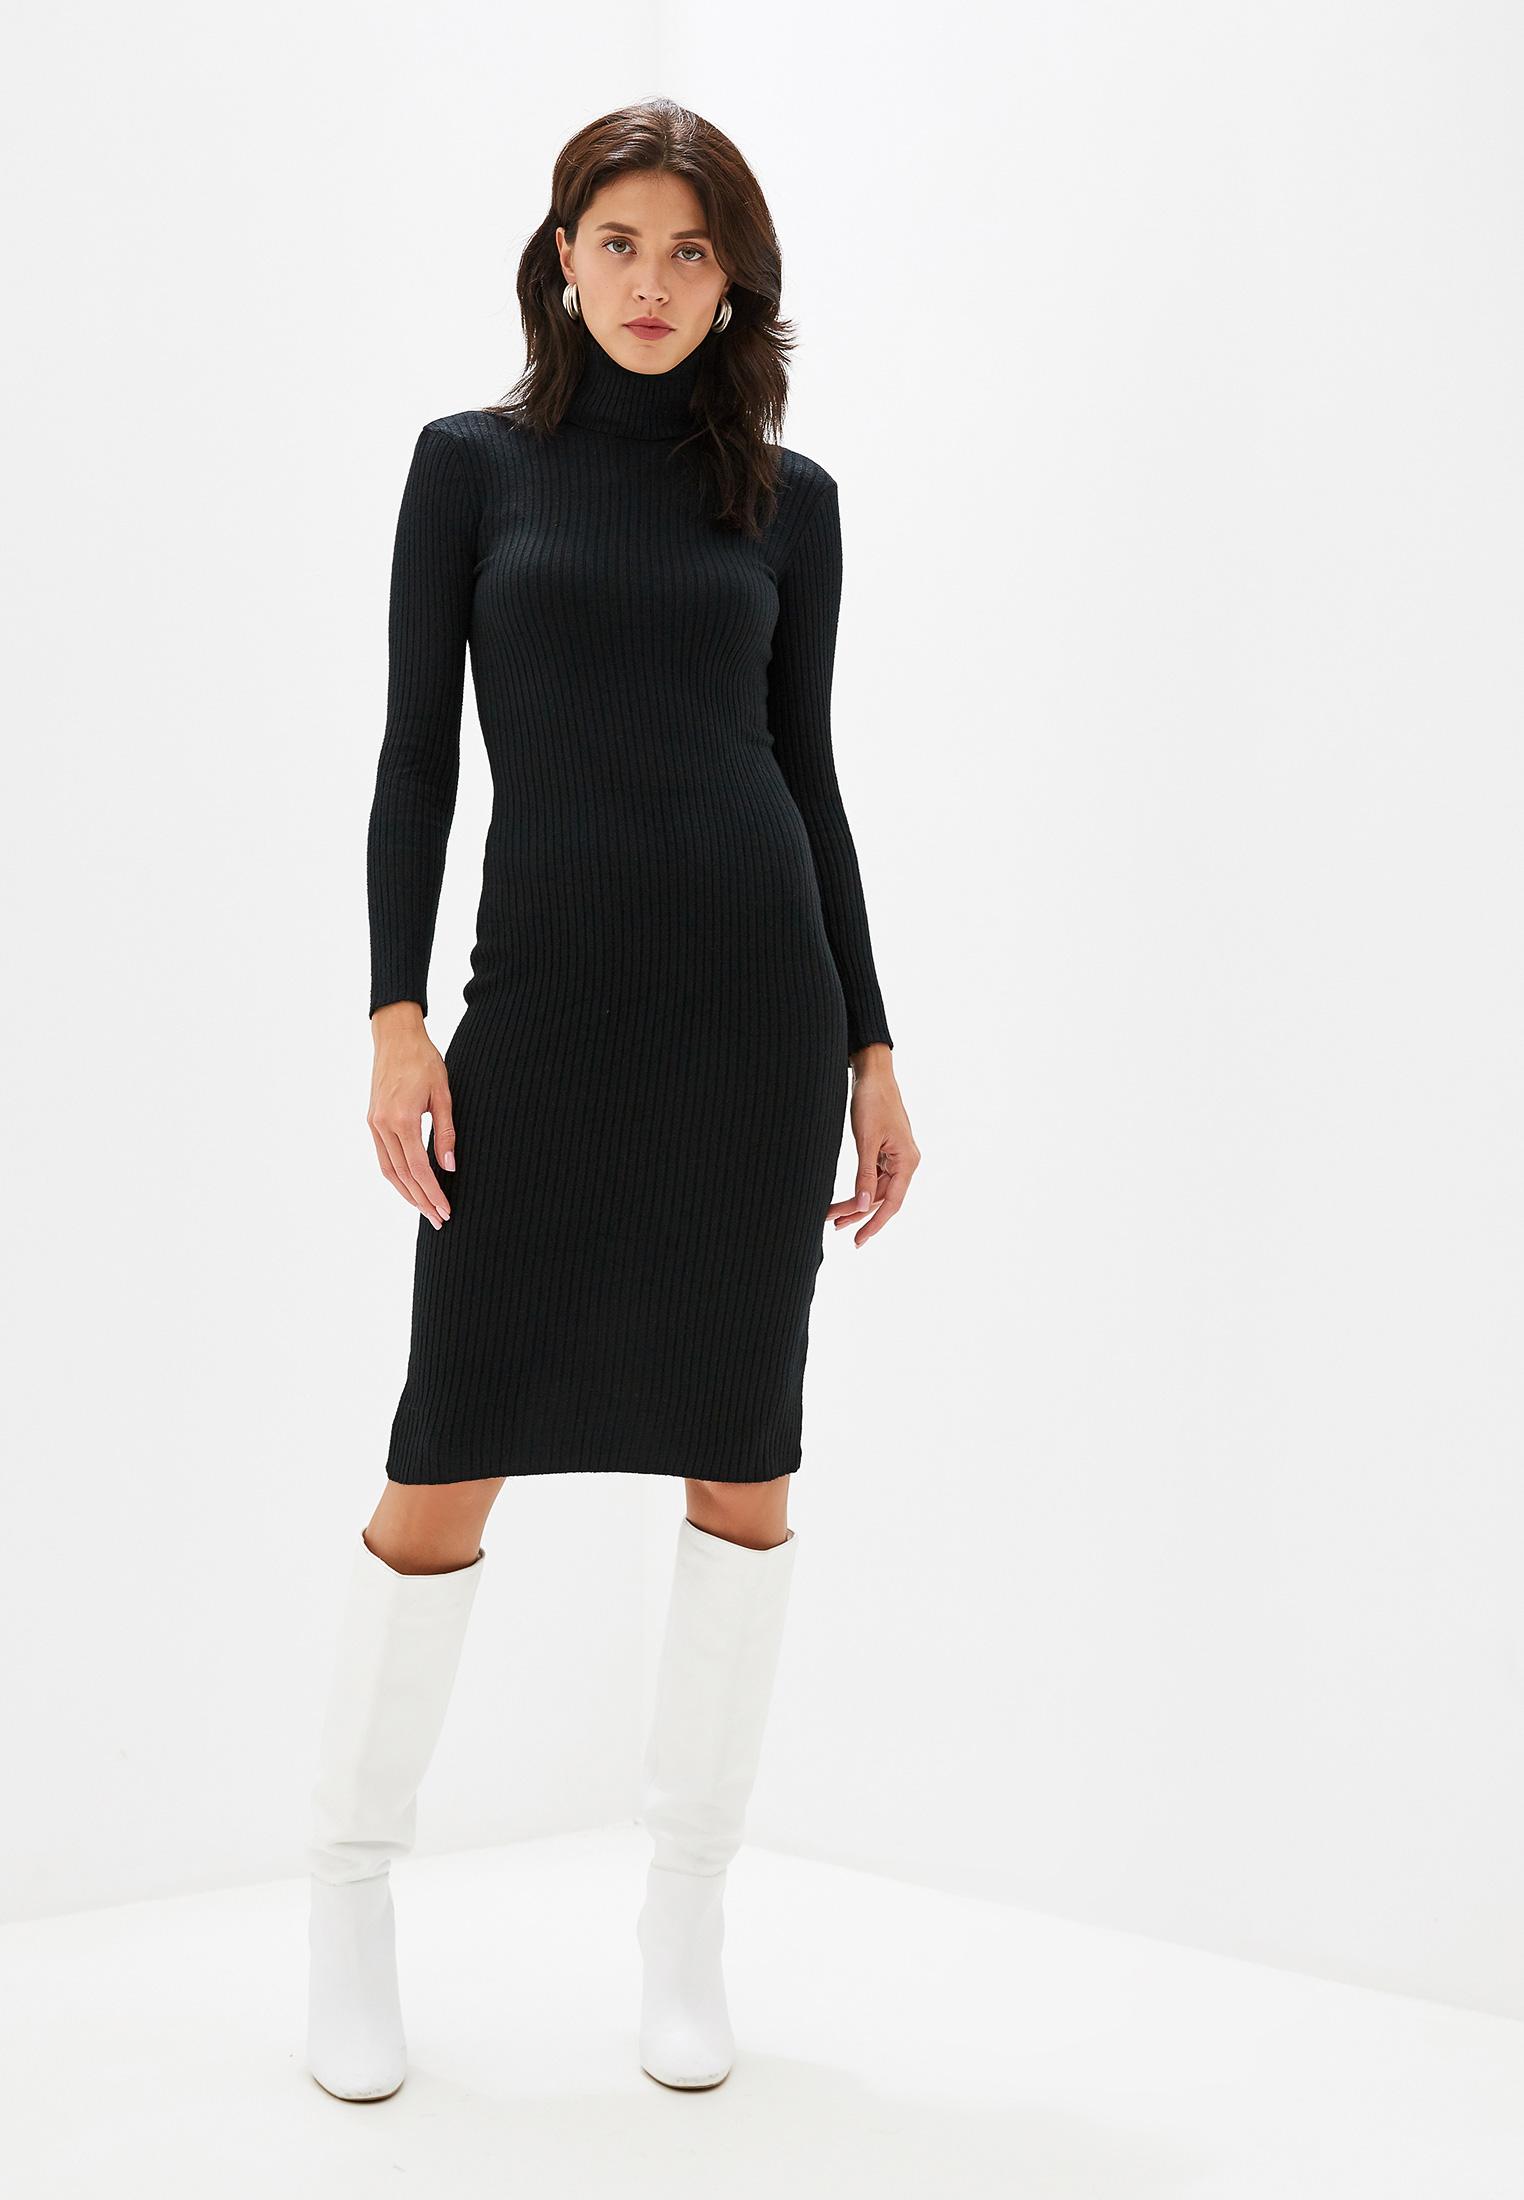 Вязаное платье Izabella IZ5220-1